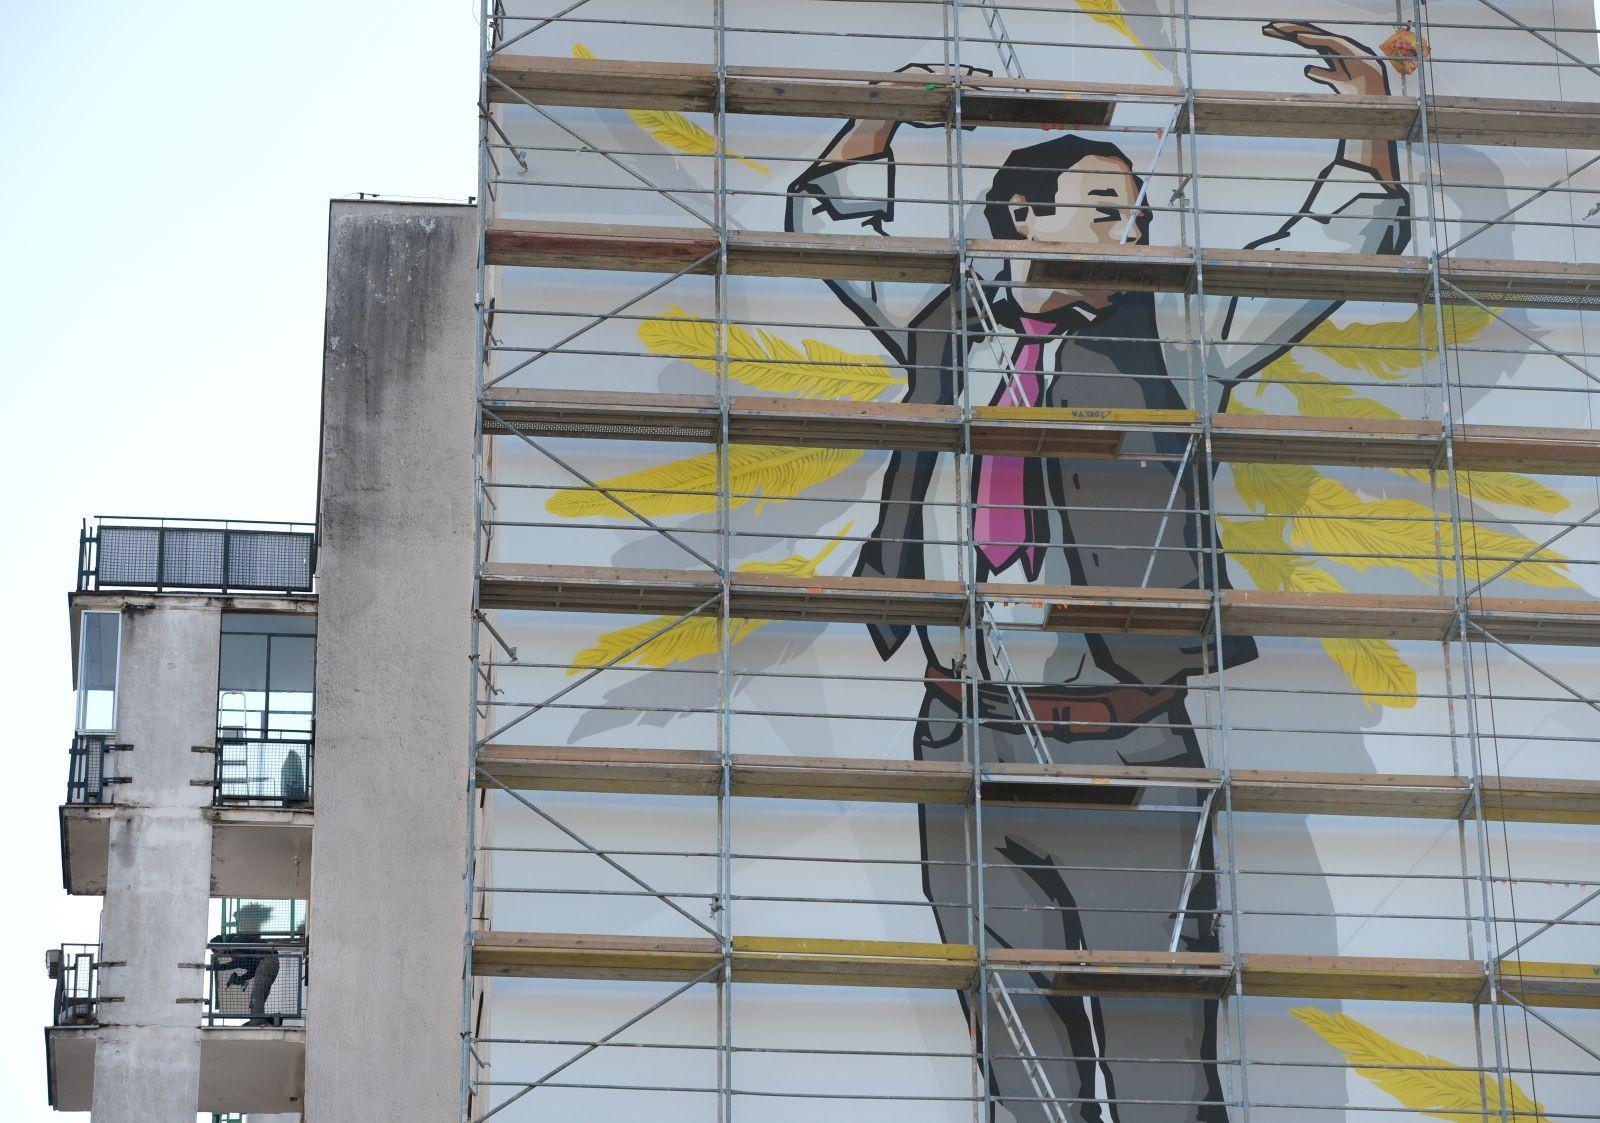 Nad wszystkim czuwa gospodarz domu str anio pojawi for Mural alternatywy 4